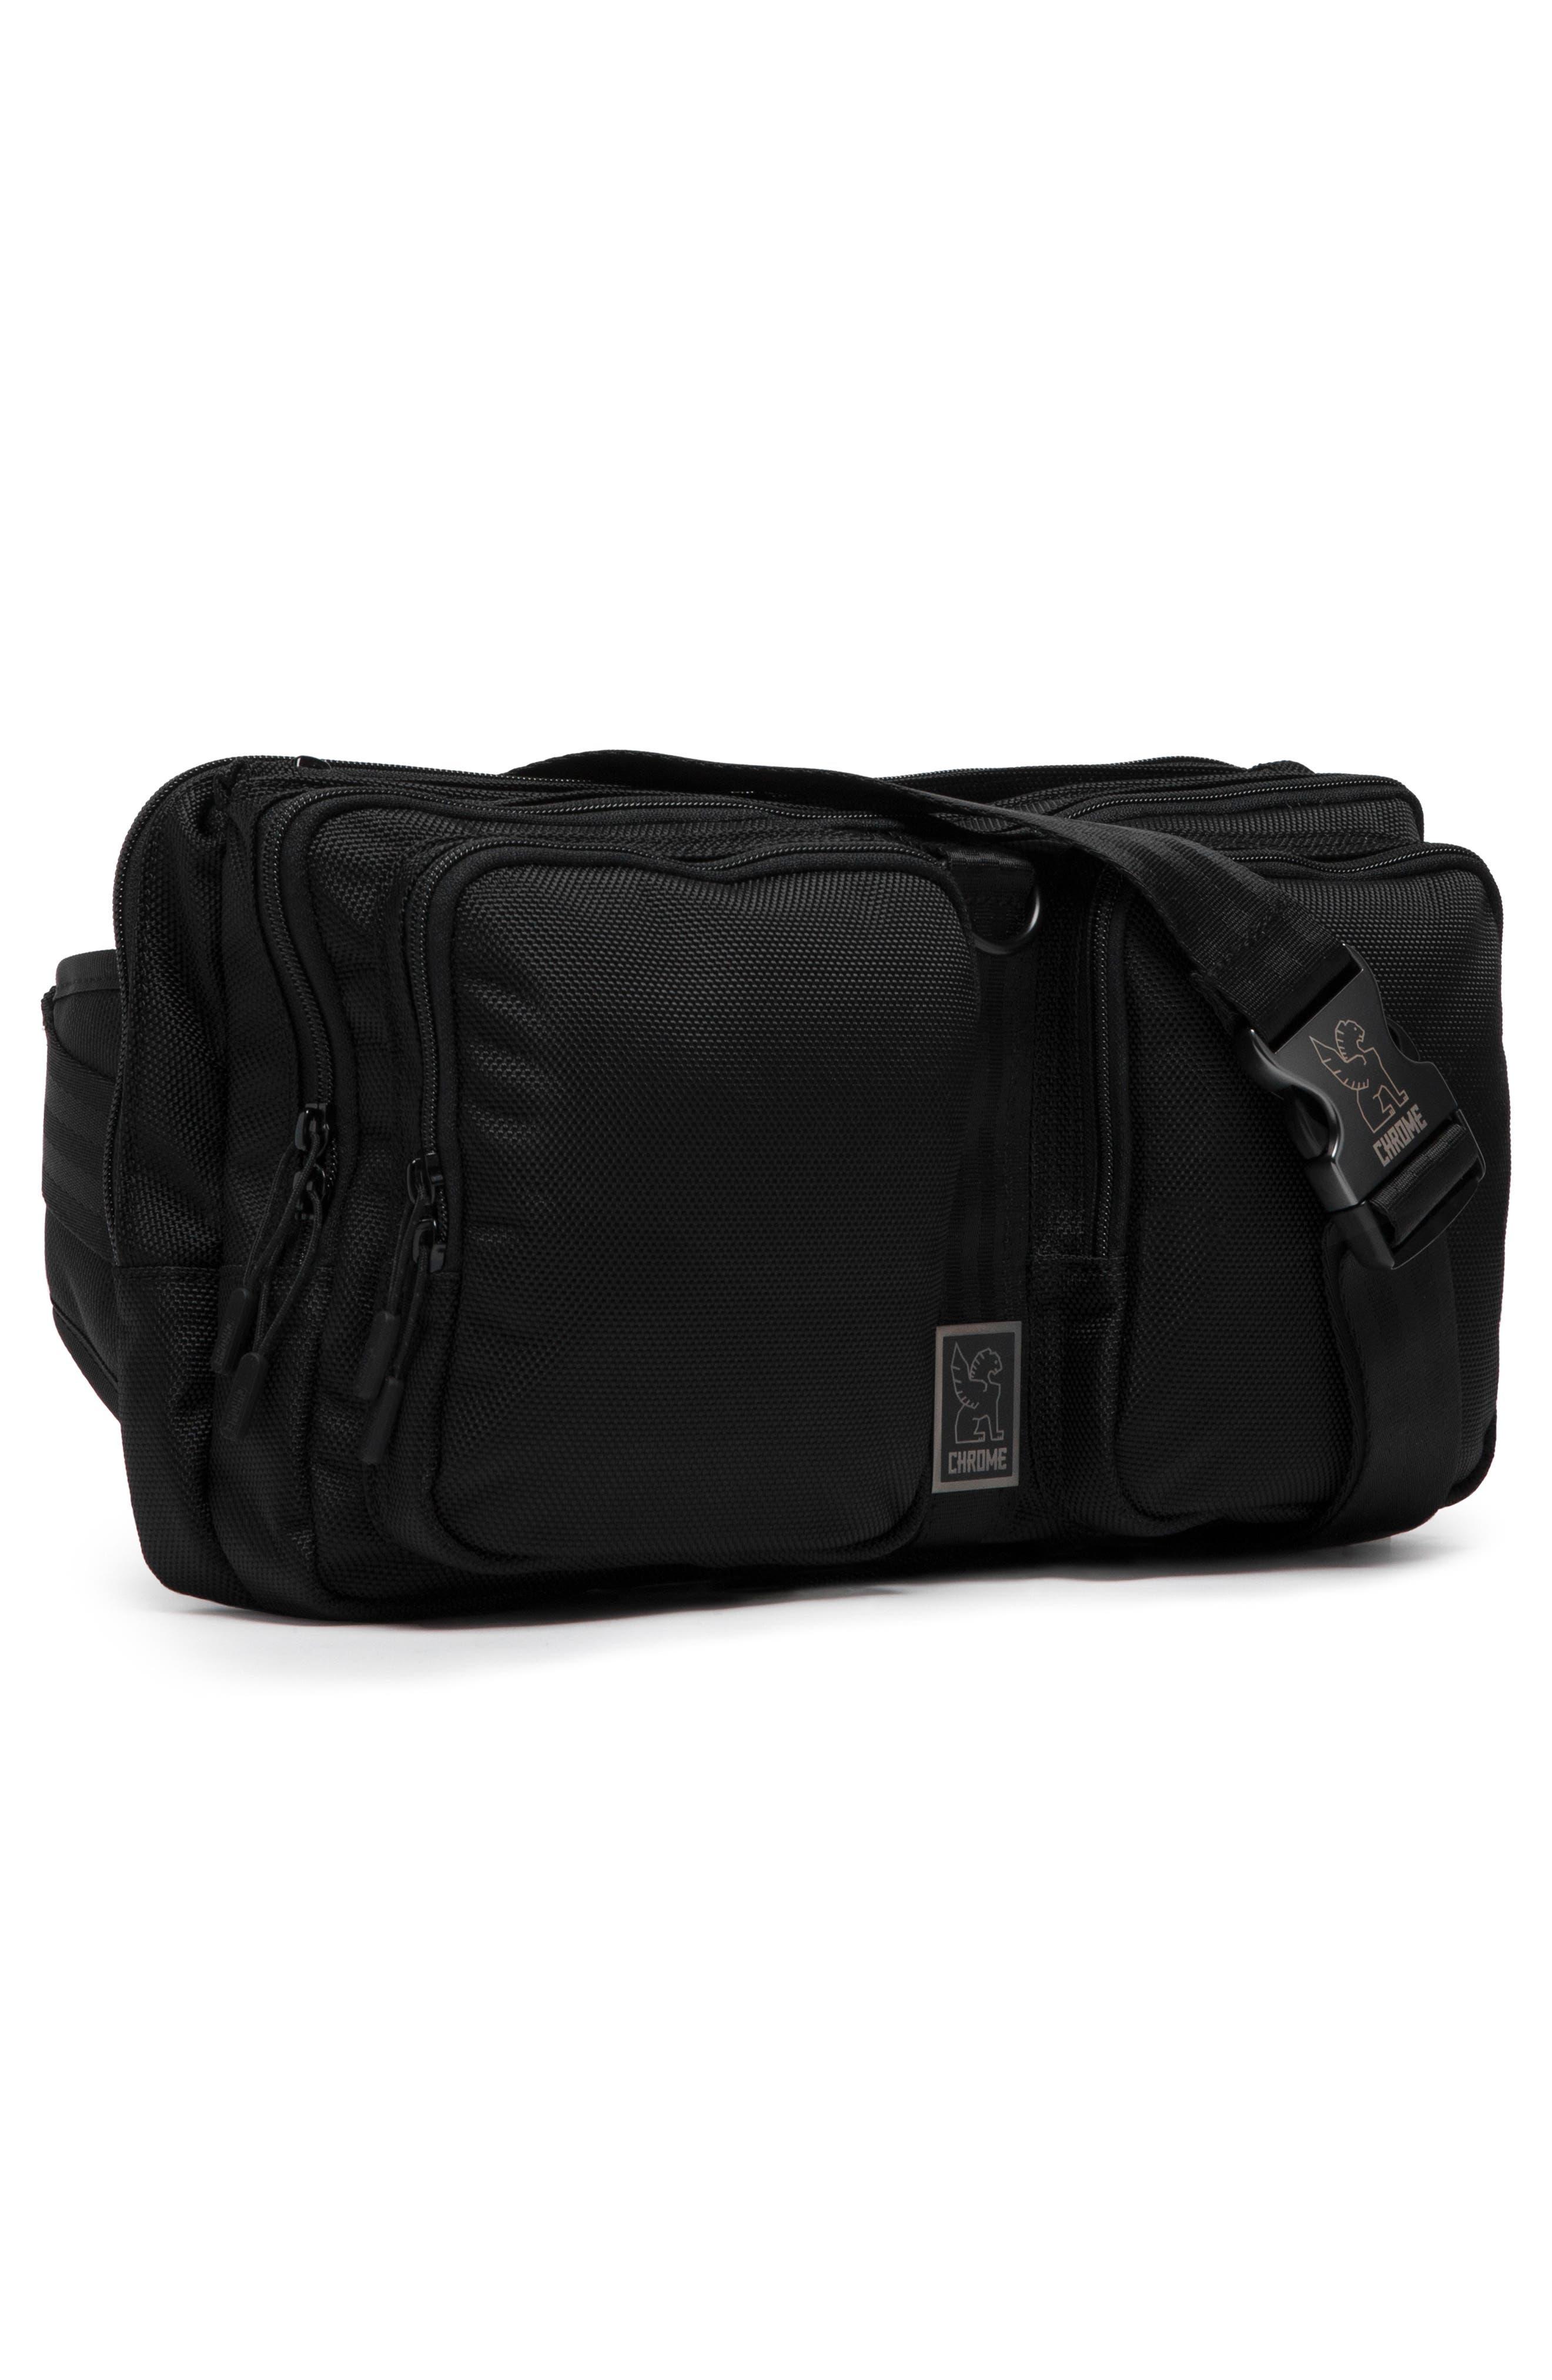 MXD Segment Sling Bag,                             Alternate thumbnail 2, color,                             All Black